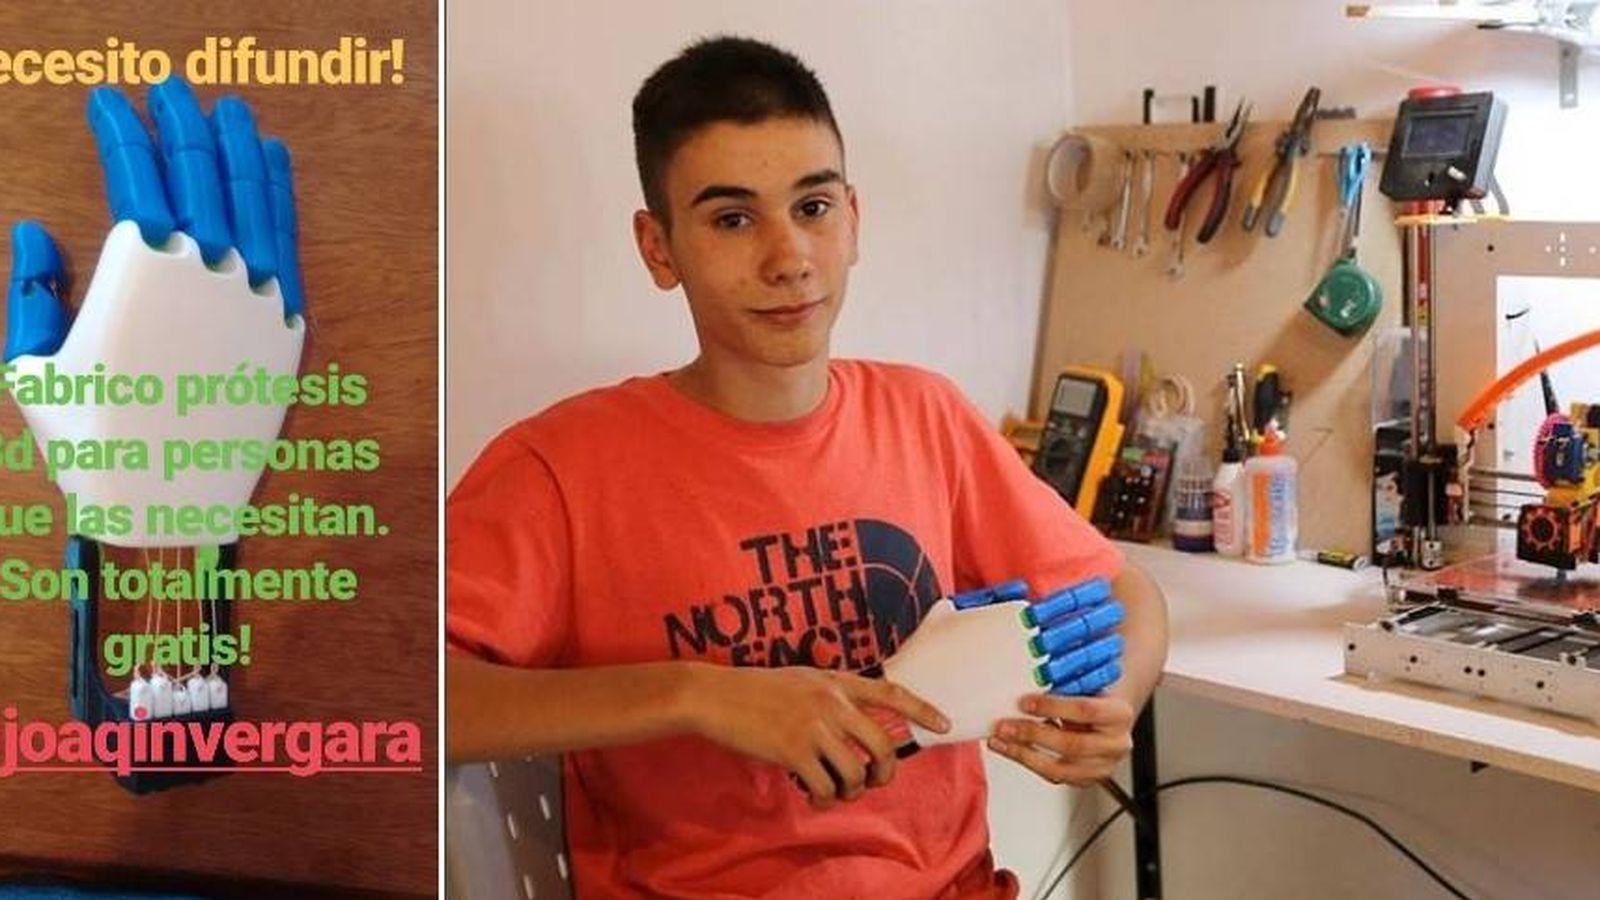 Foto: El joven argentino fabrica prótesis de mano con su impresora 3D para donarlas a quien las necesite (@joaqinvegara)